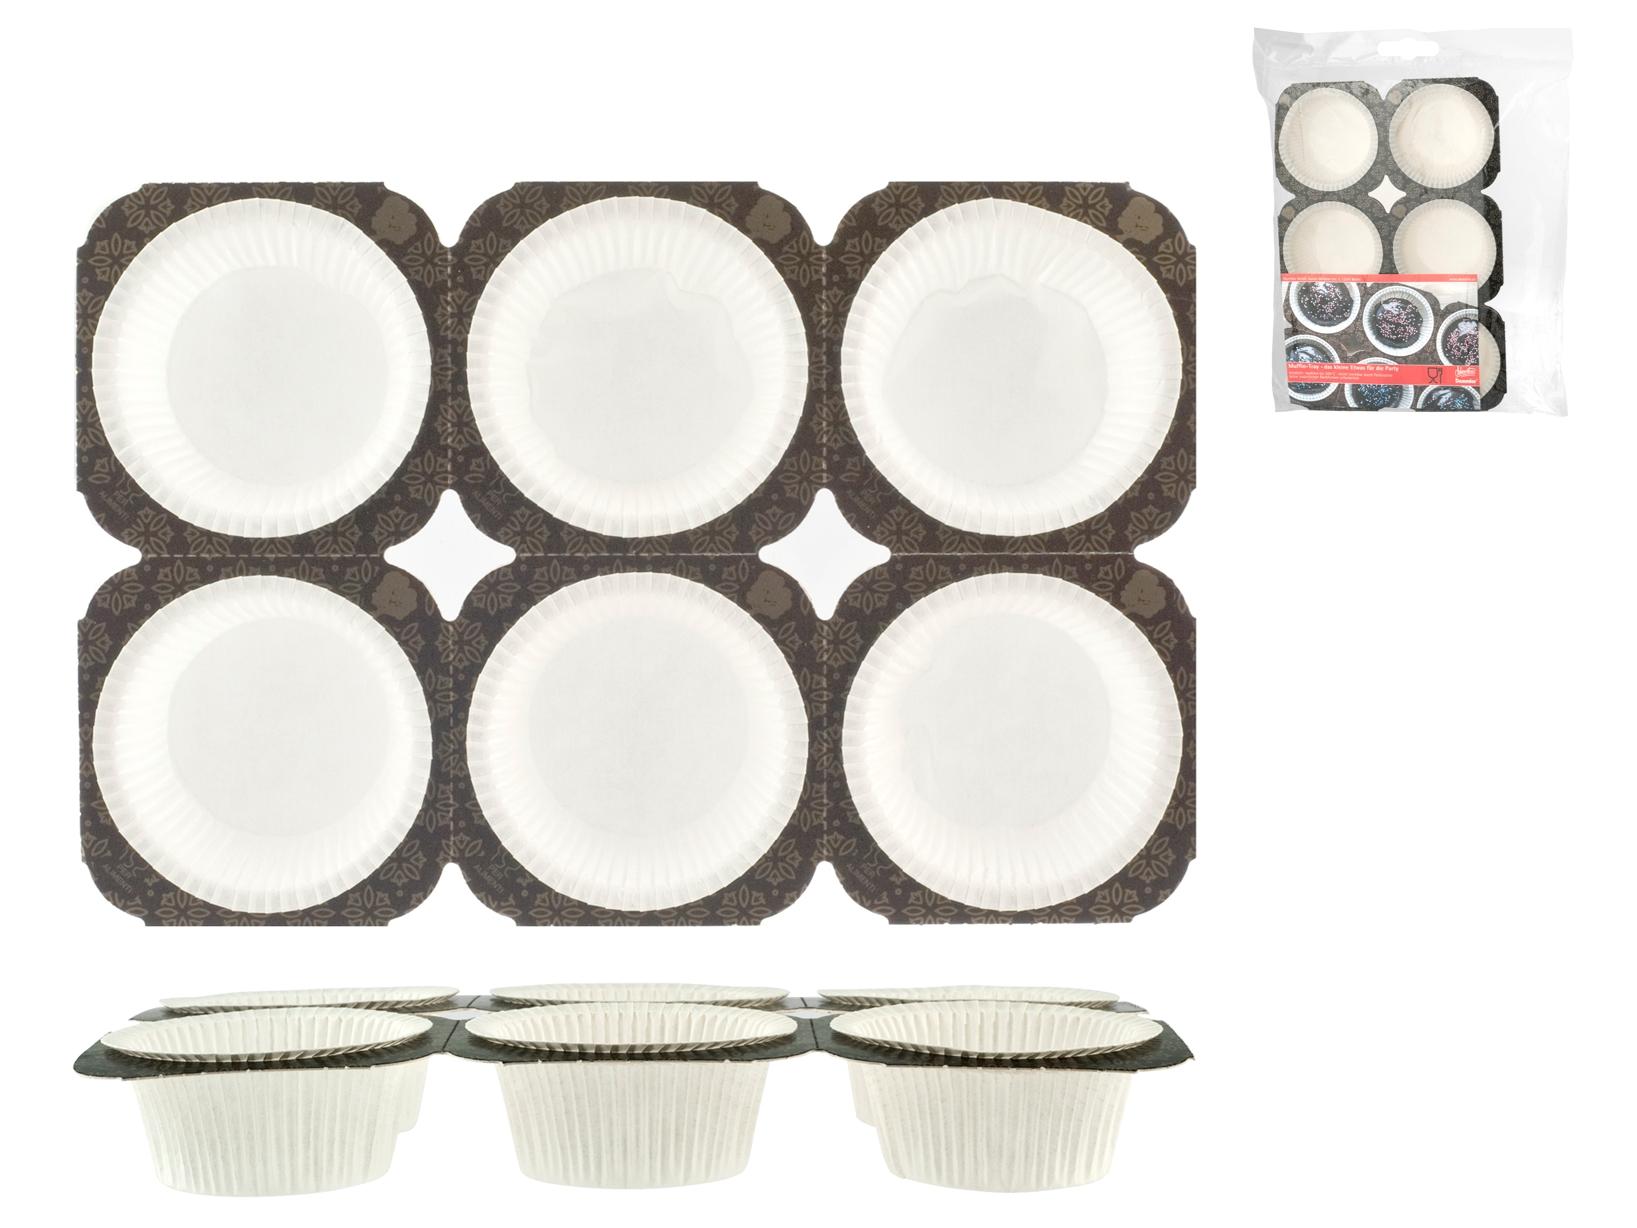 Confezione 12 Pirottini Muffin Cm 5 Vassoio